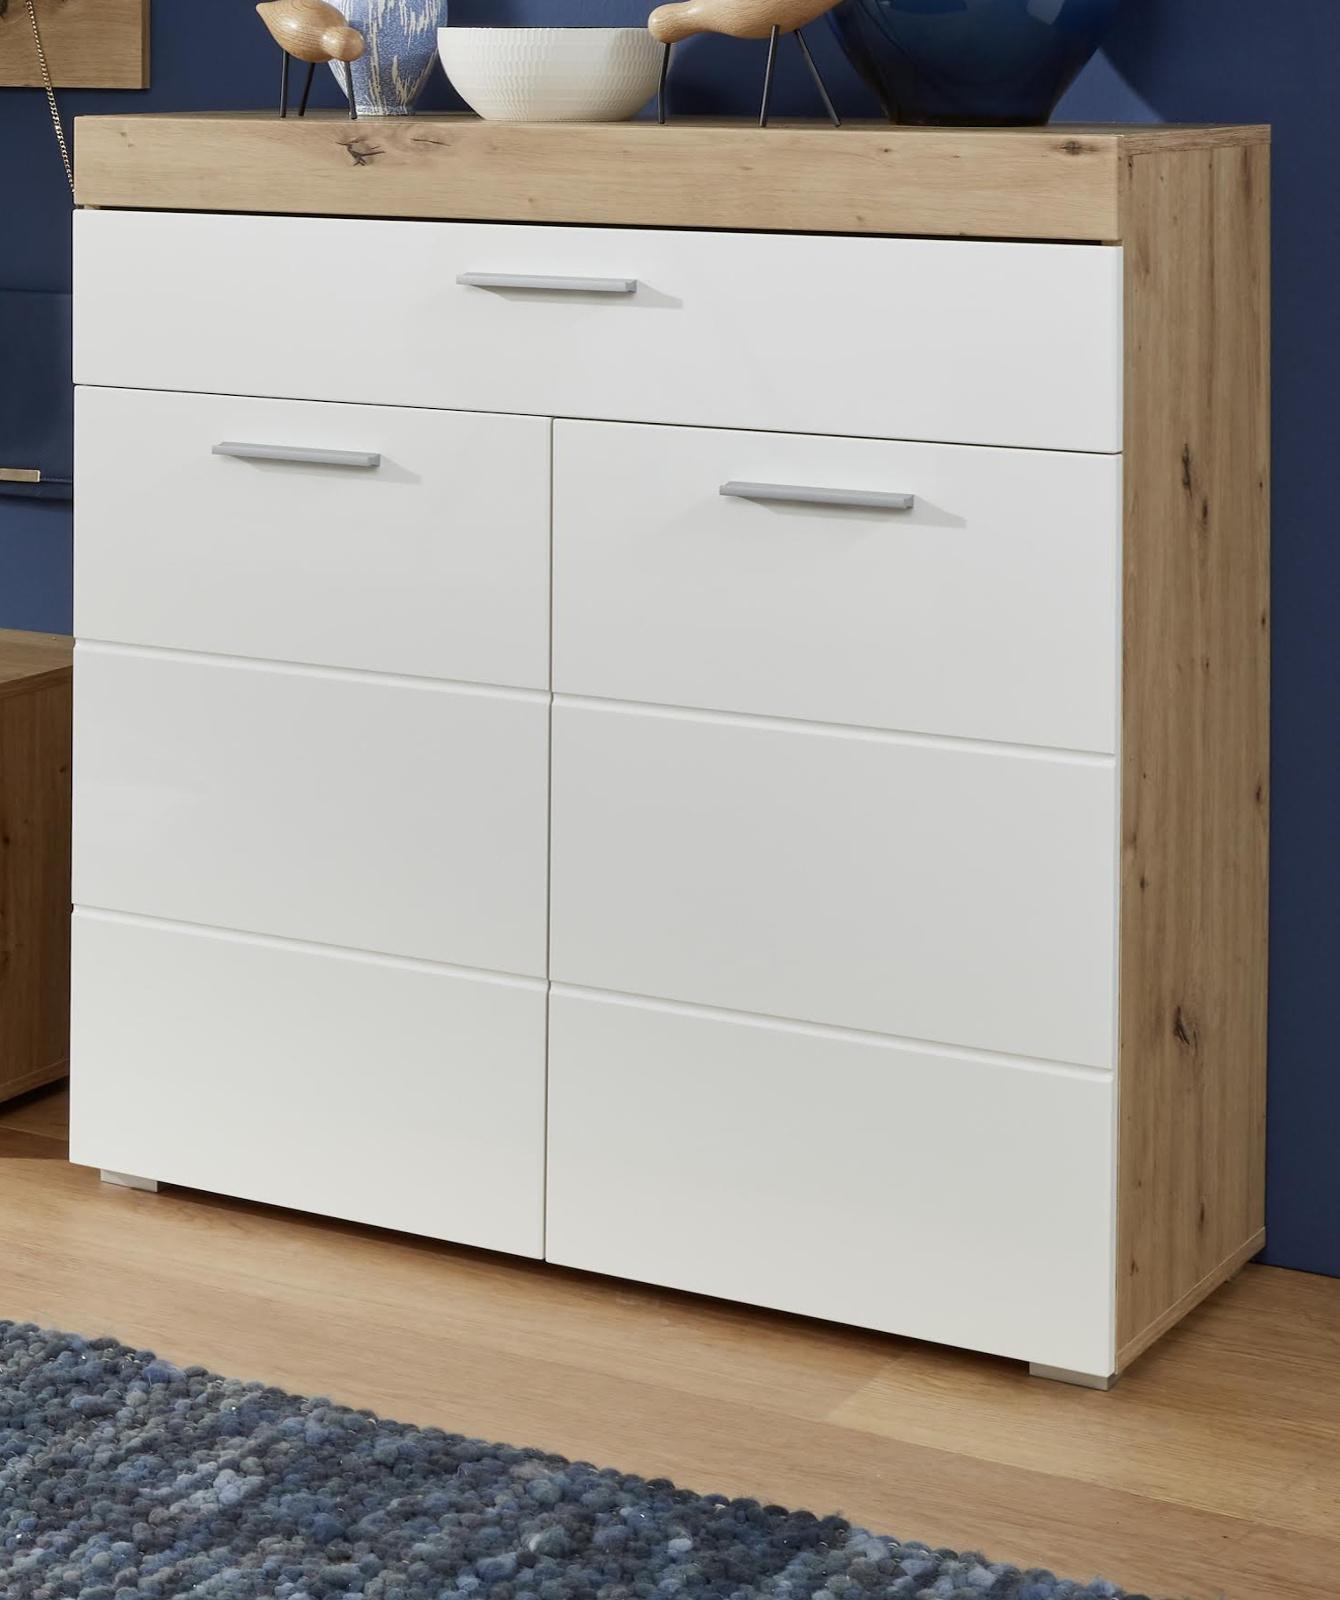 Kleiderschrank weiß hochglanz ikea  Nauhuri.com | Ikea Schrank Weiß Schiebetüren ~ Neuesten Design ...